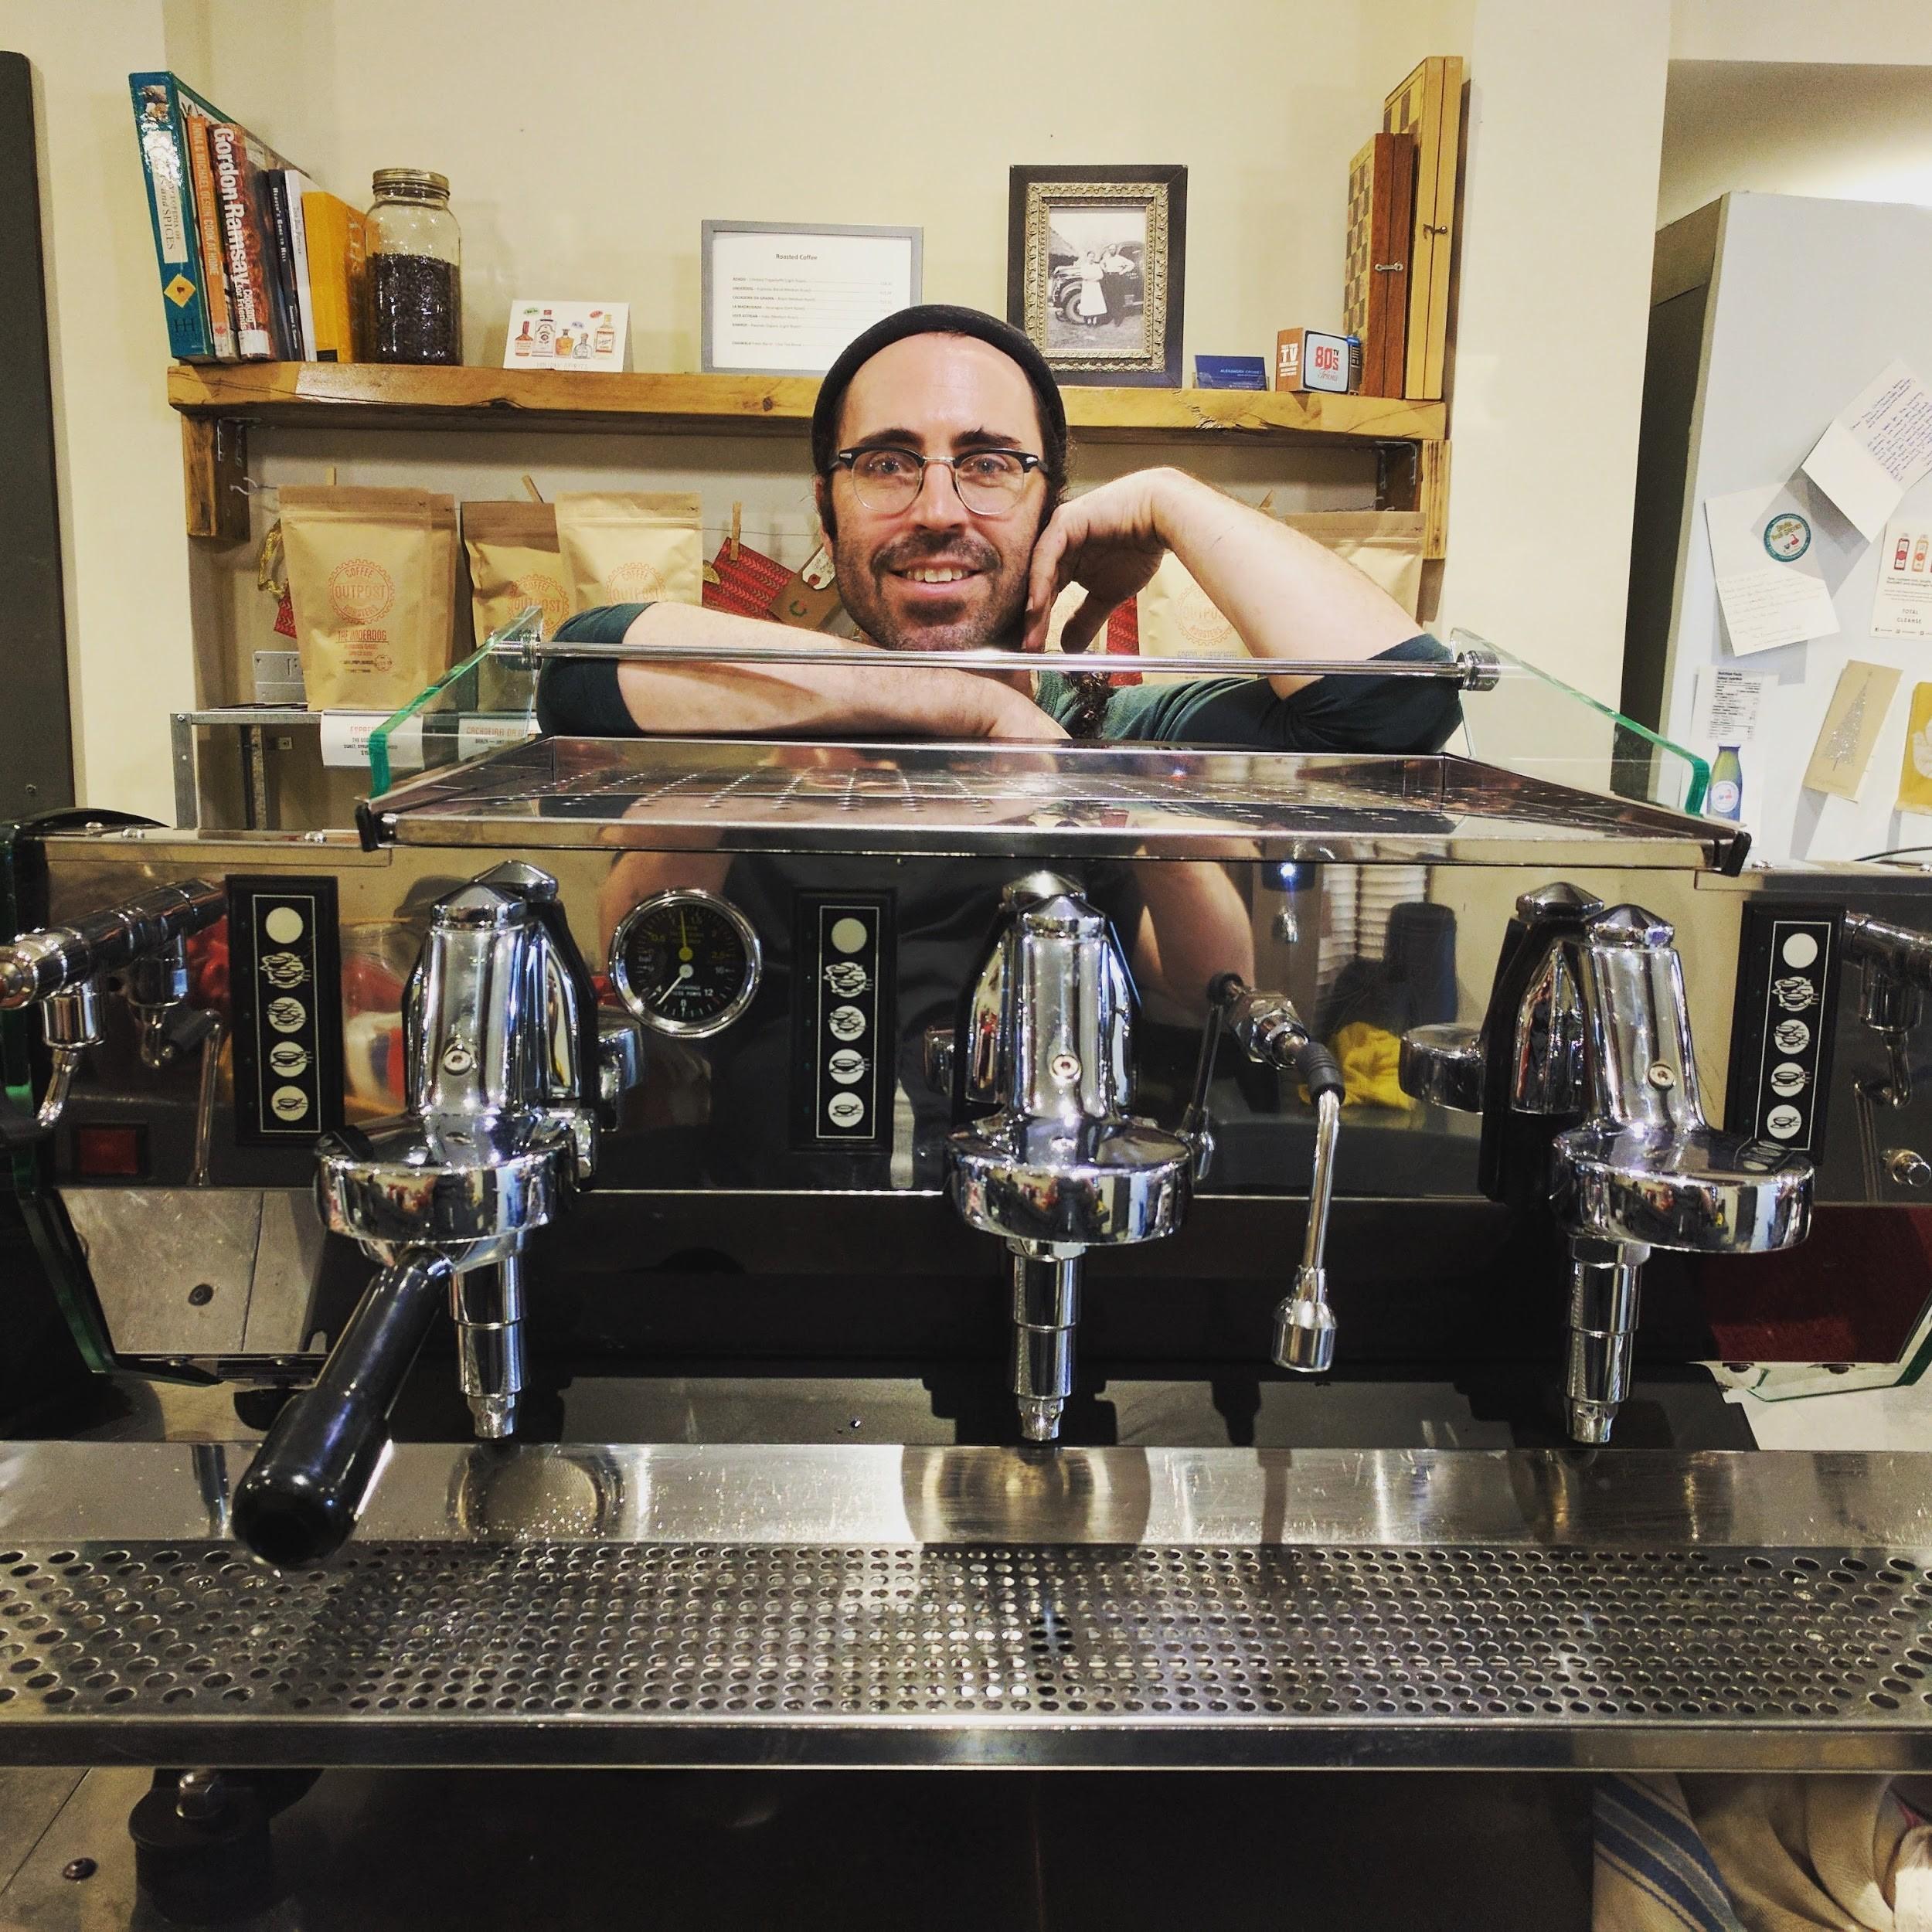 راهنمایی برای تنظیمات ماشین اسپرسو در کافهی جدید شما